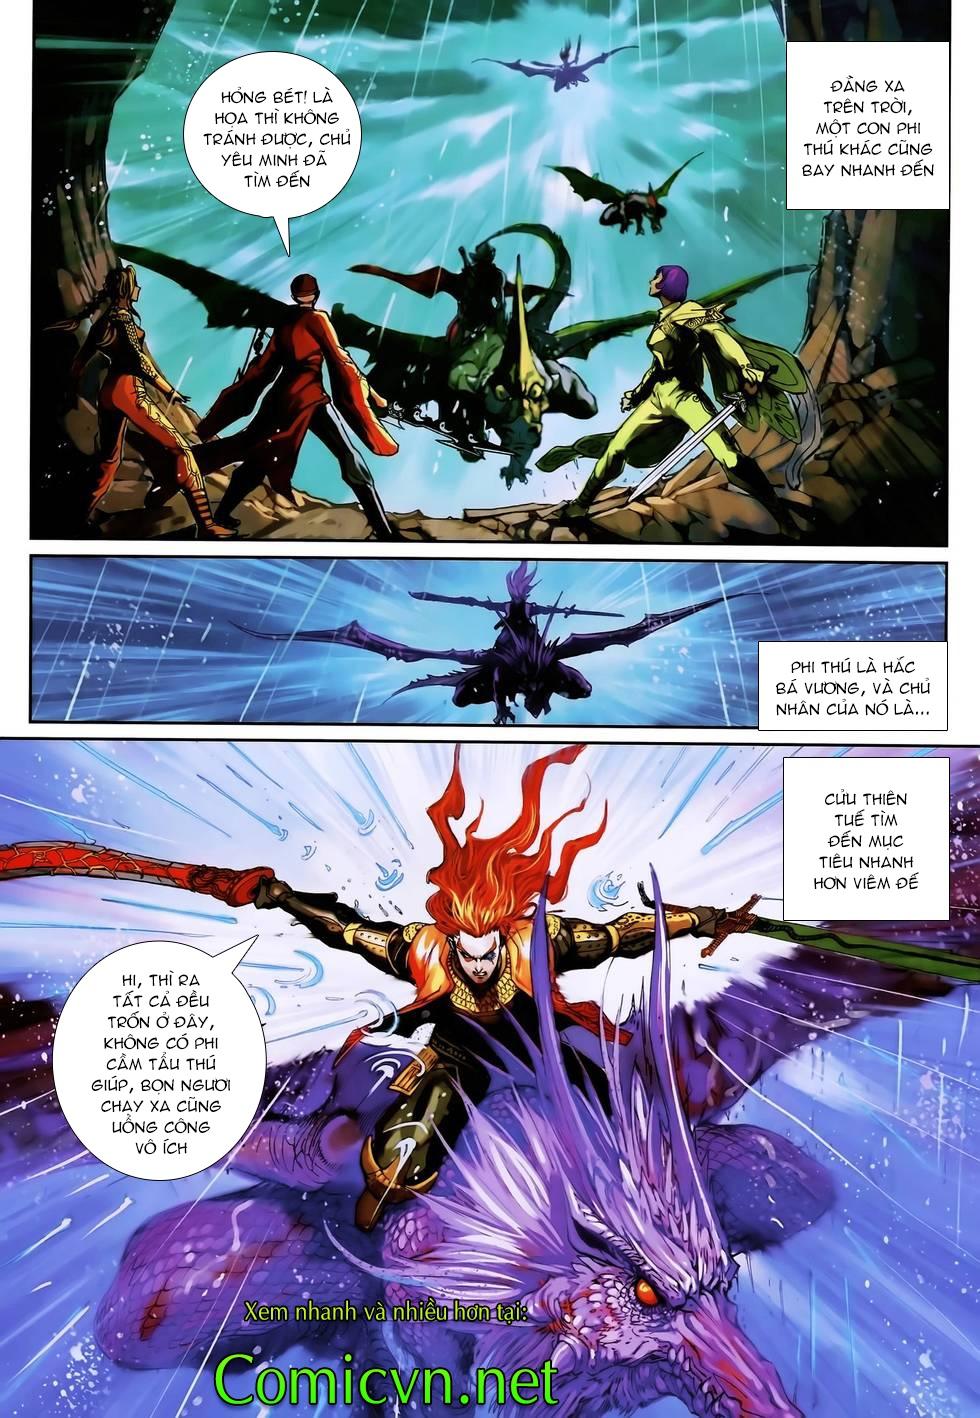 Thần binh huyền kỳ 3 - 3.5 tập 146 - 17